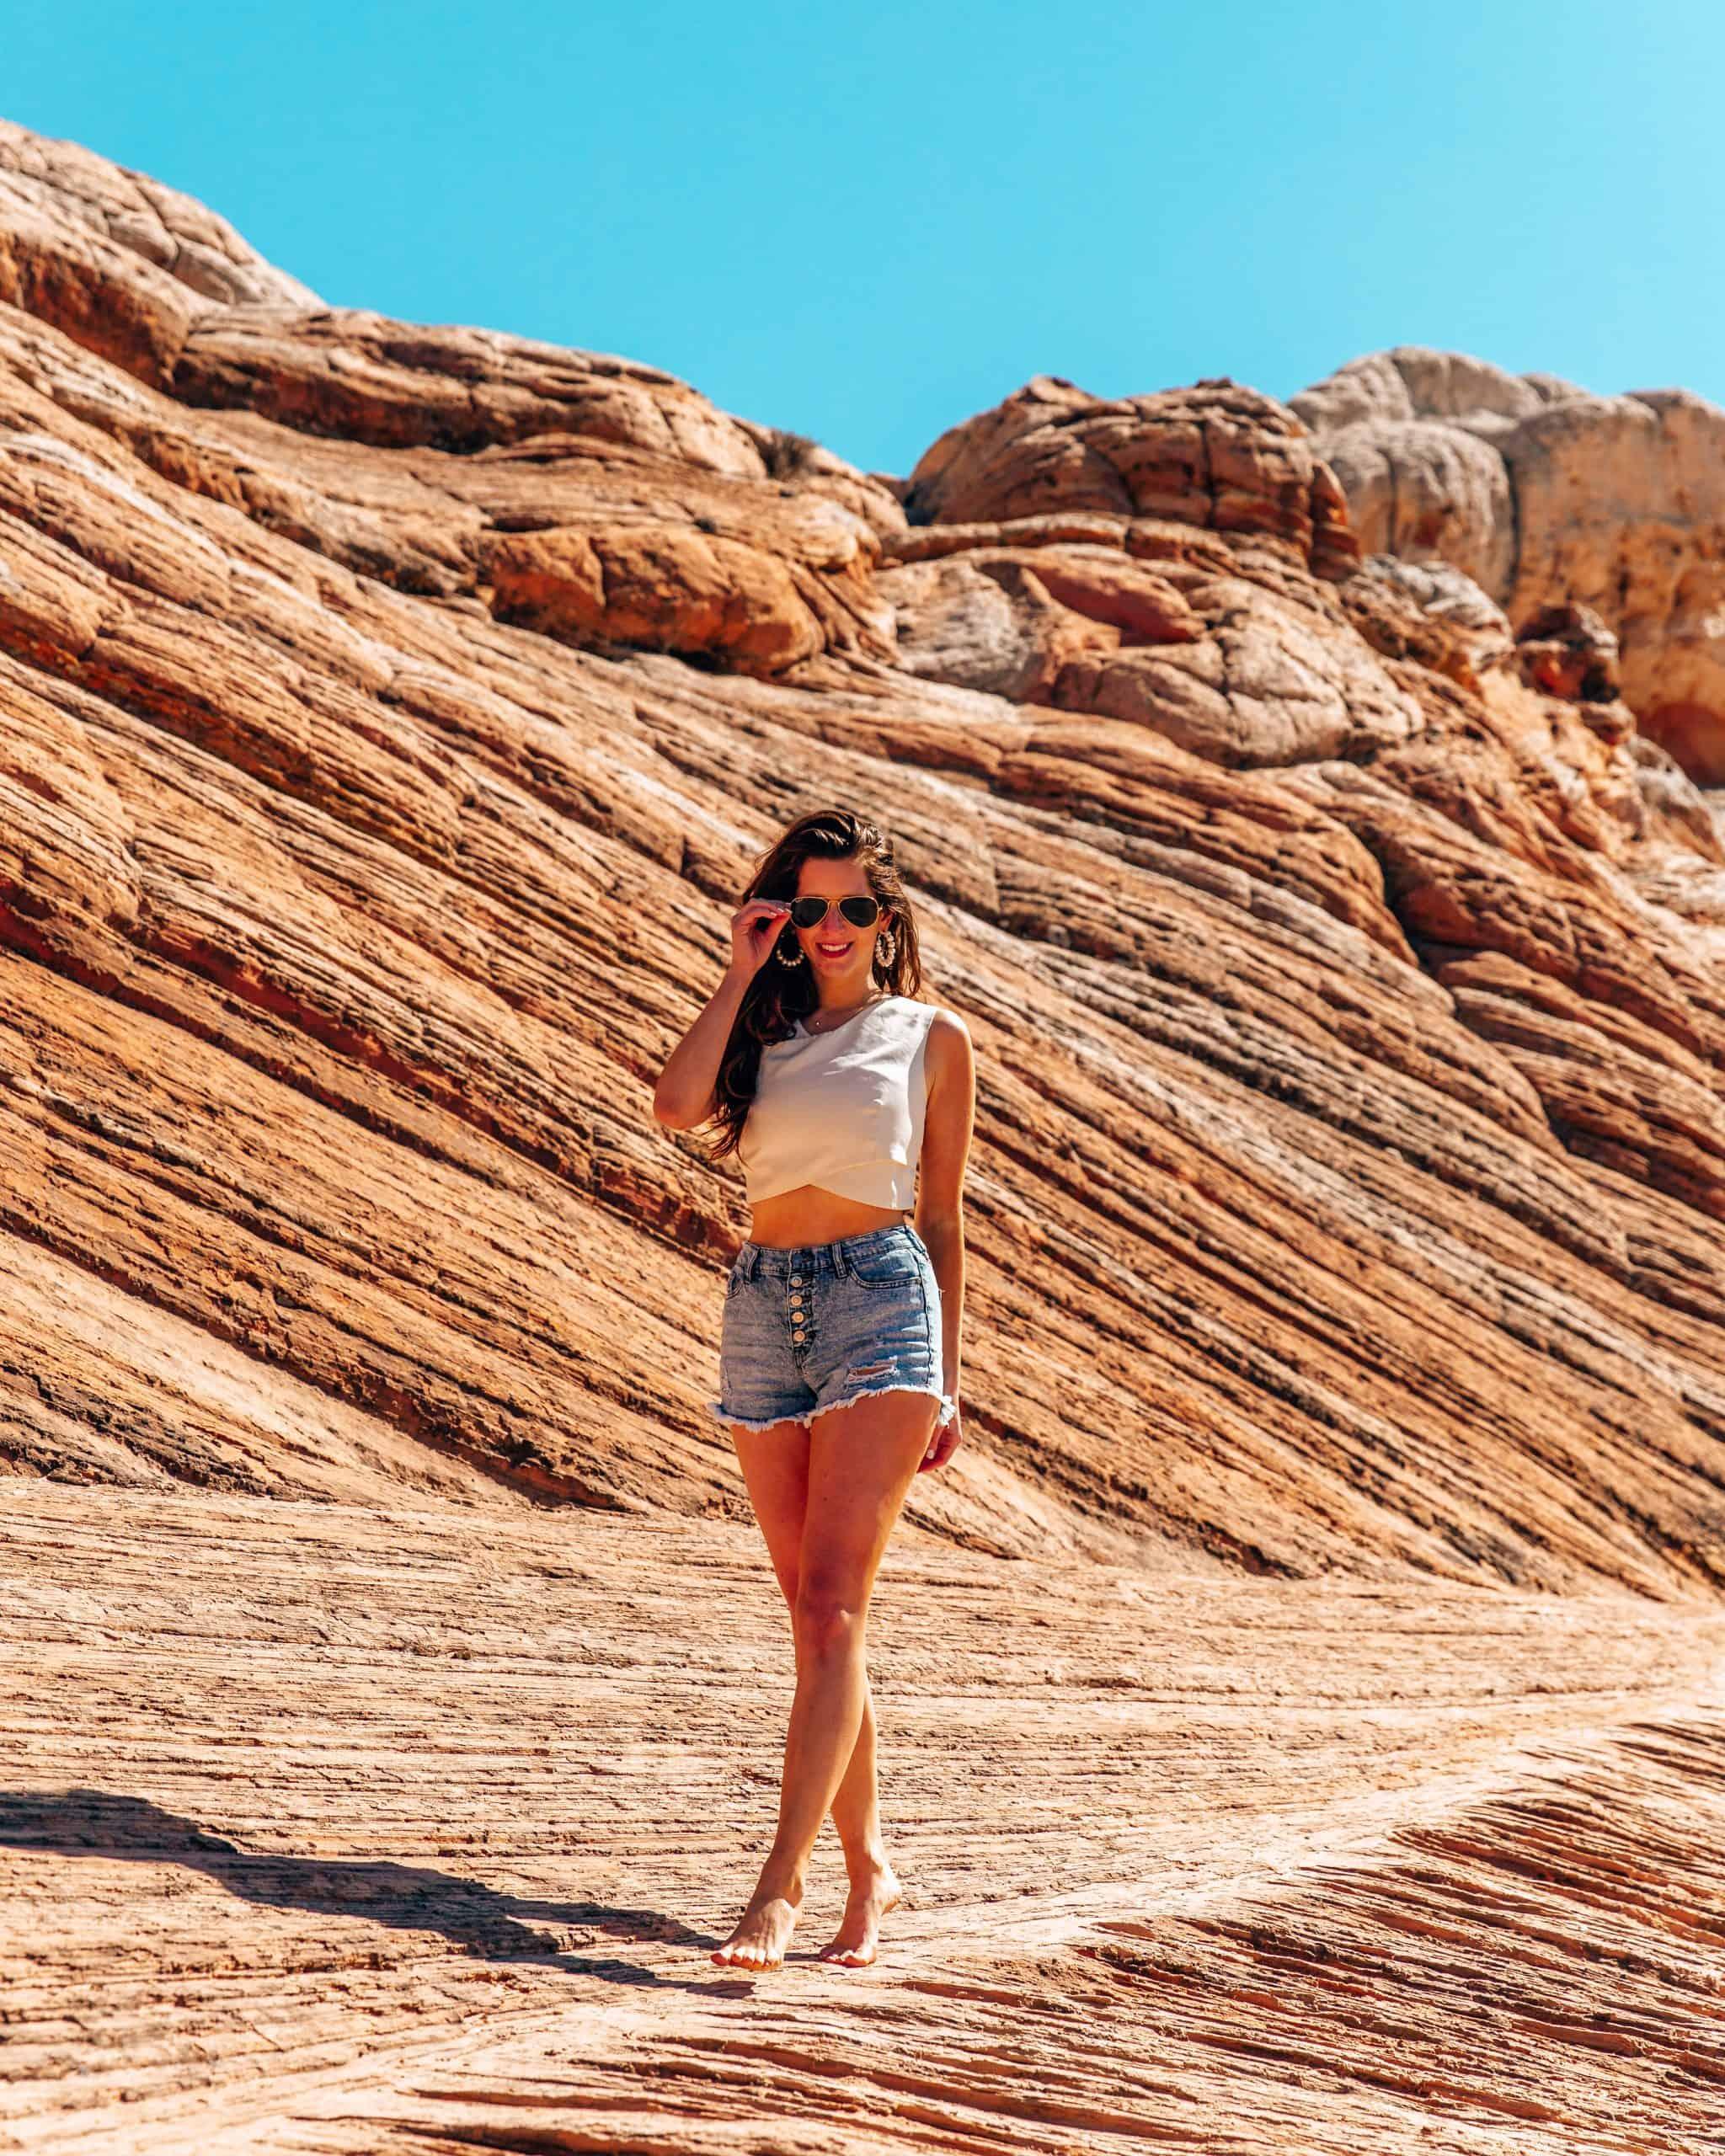 Girl walking on rock formation at White Pocket Arizona